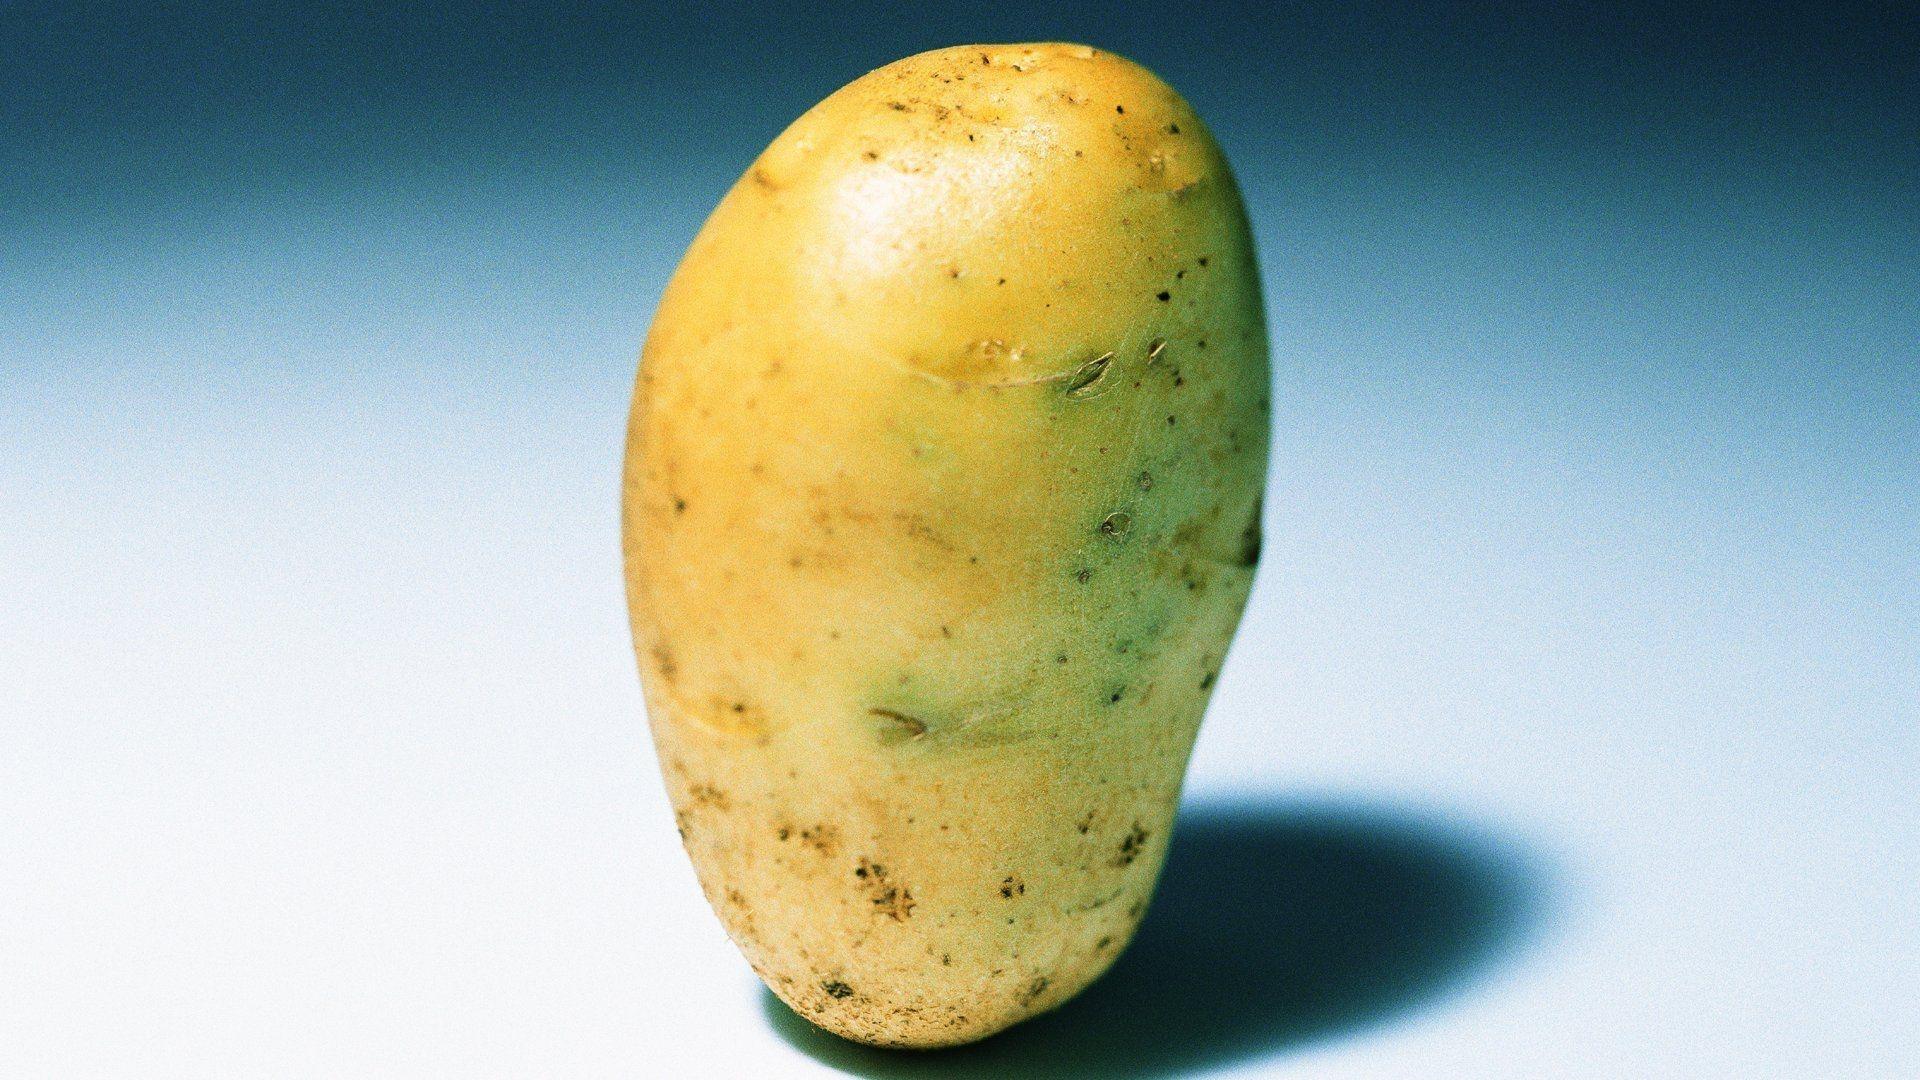 Potatoes PC Wallpaper